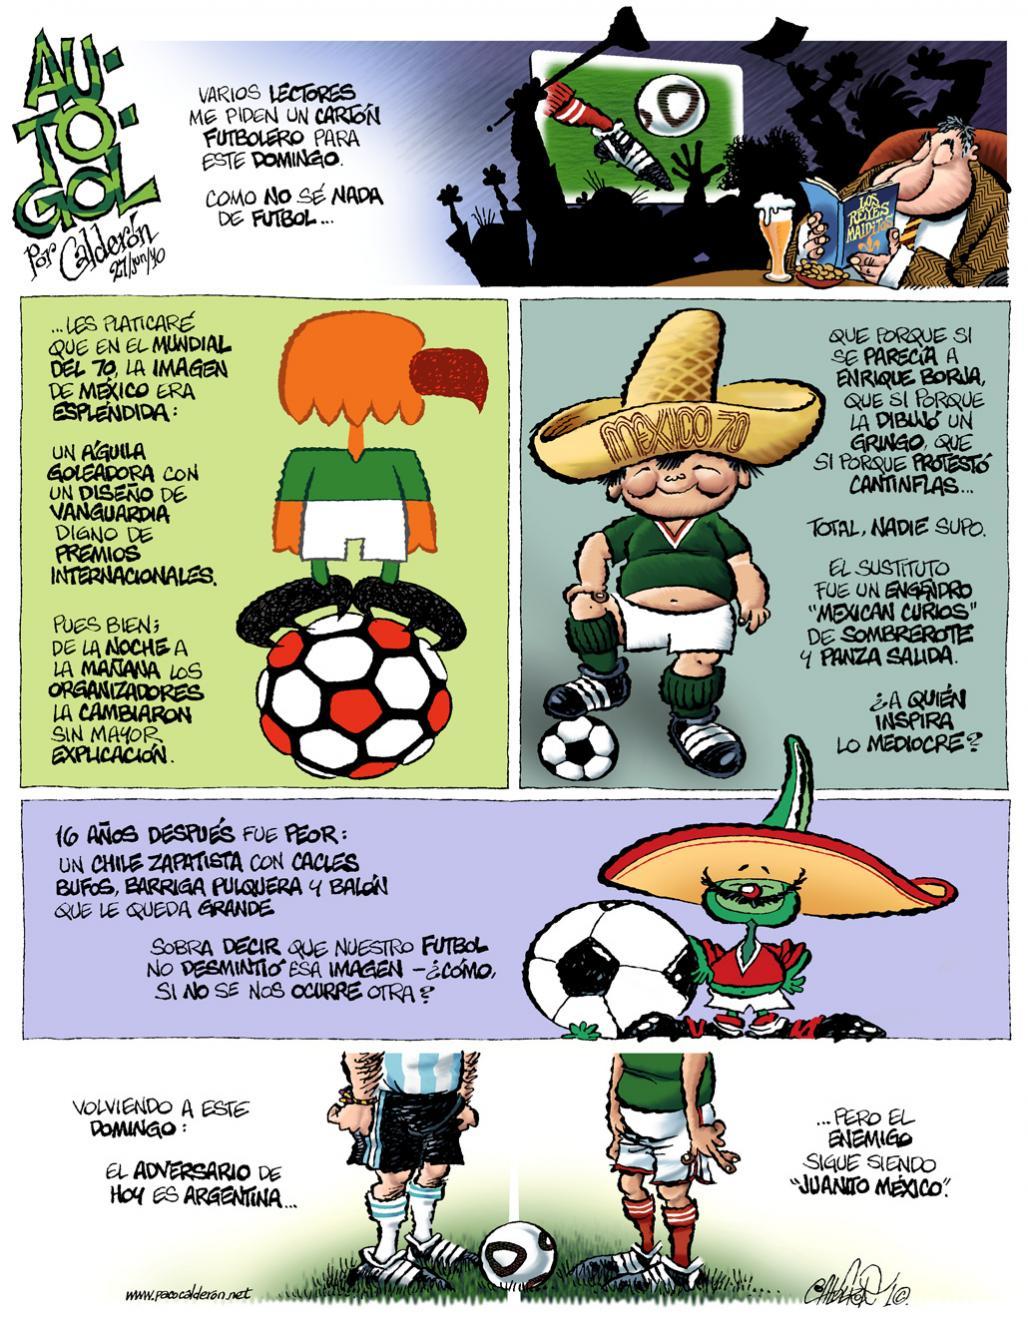 Au-to-gol - Calderón